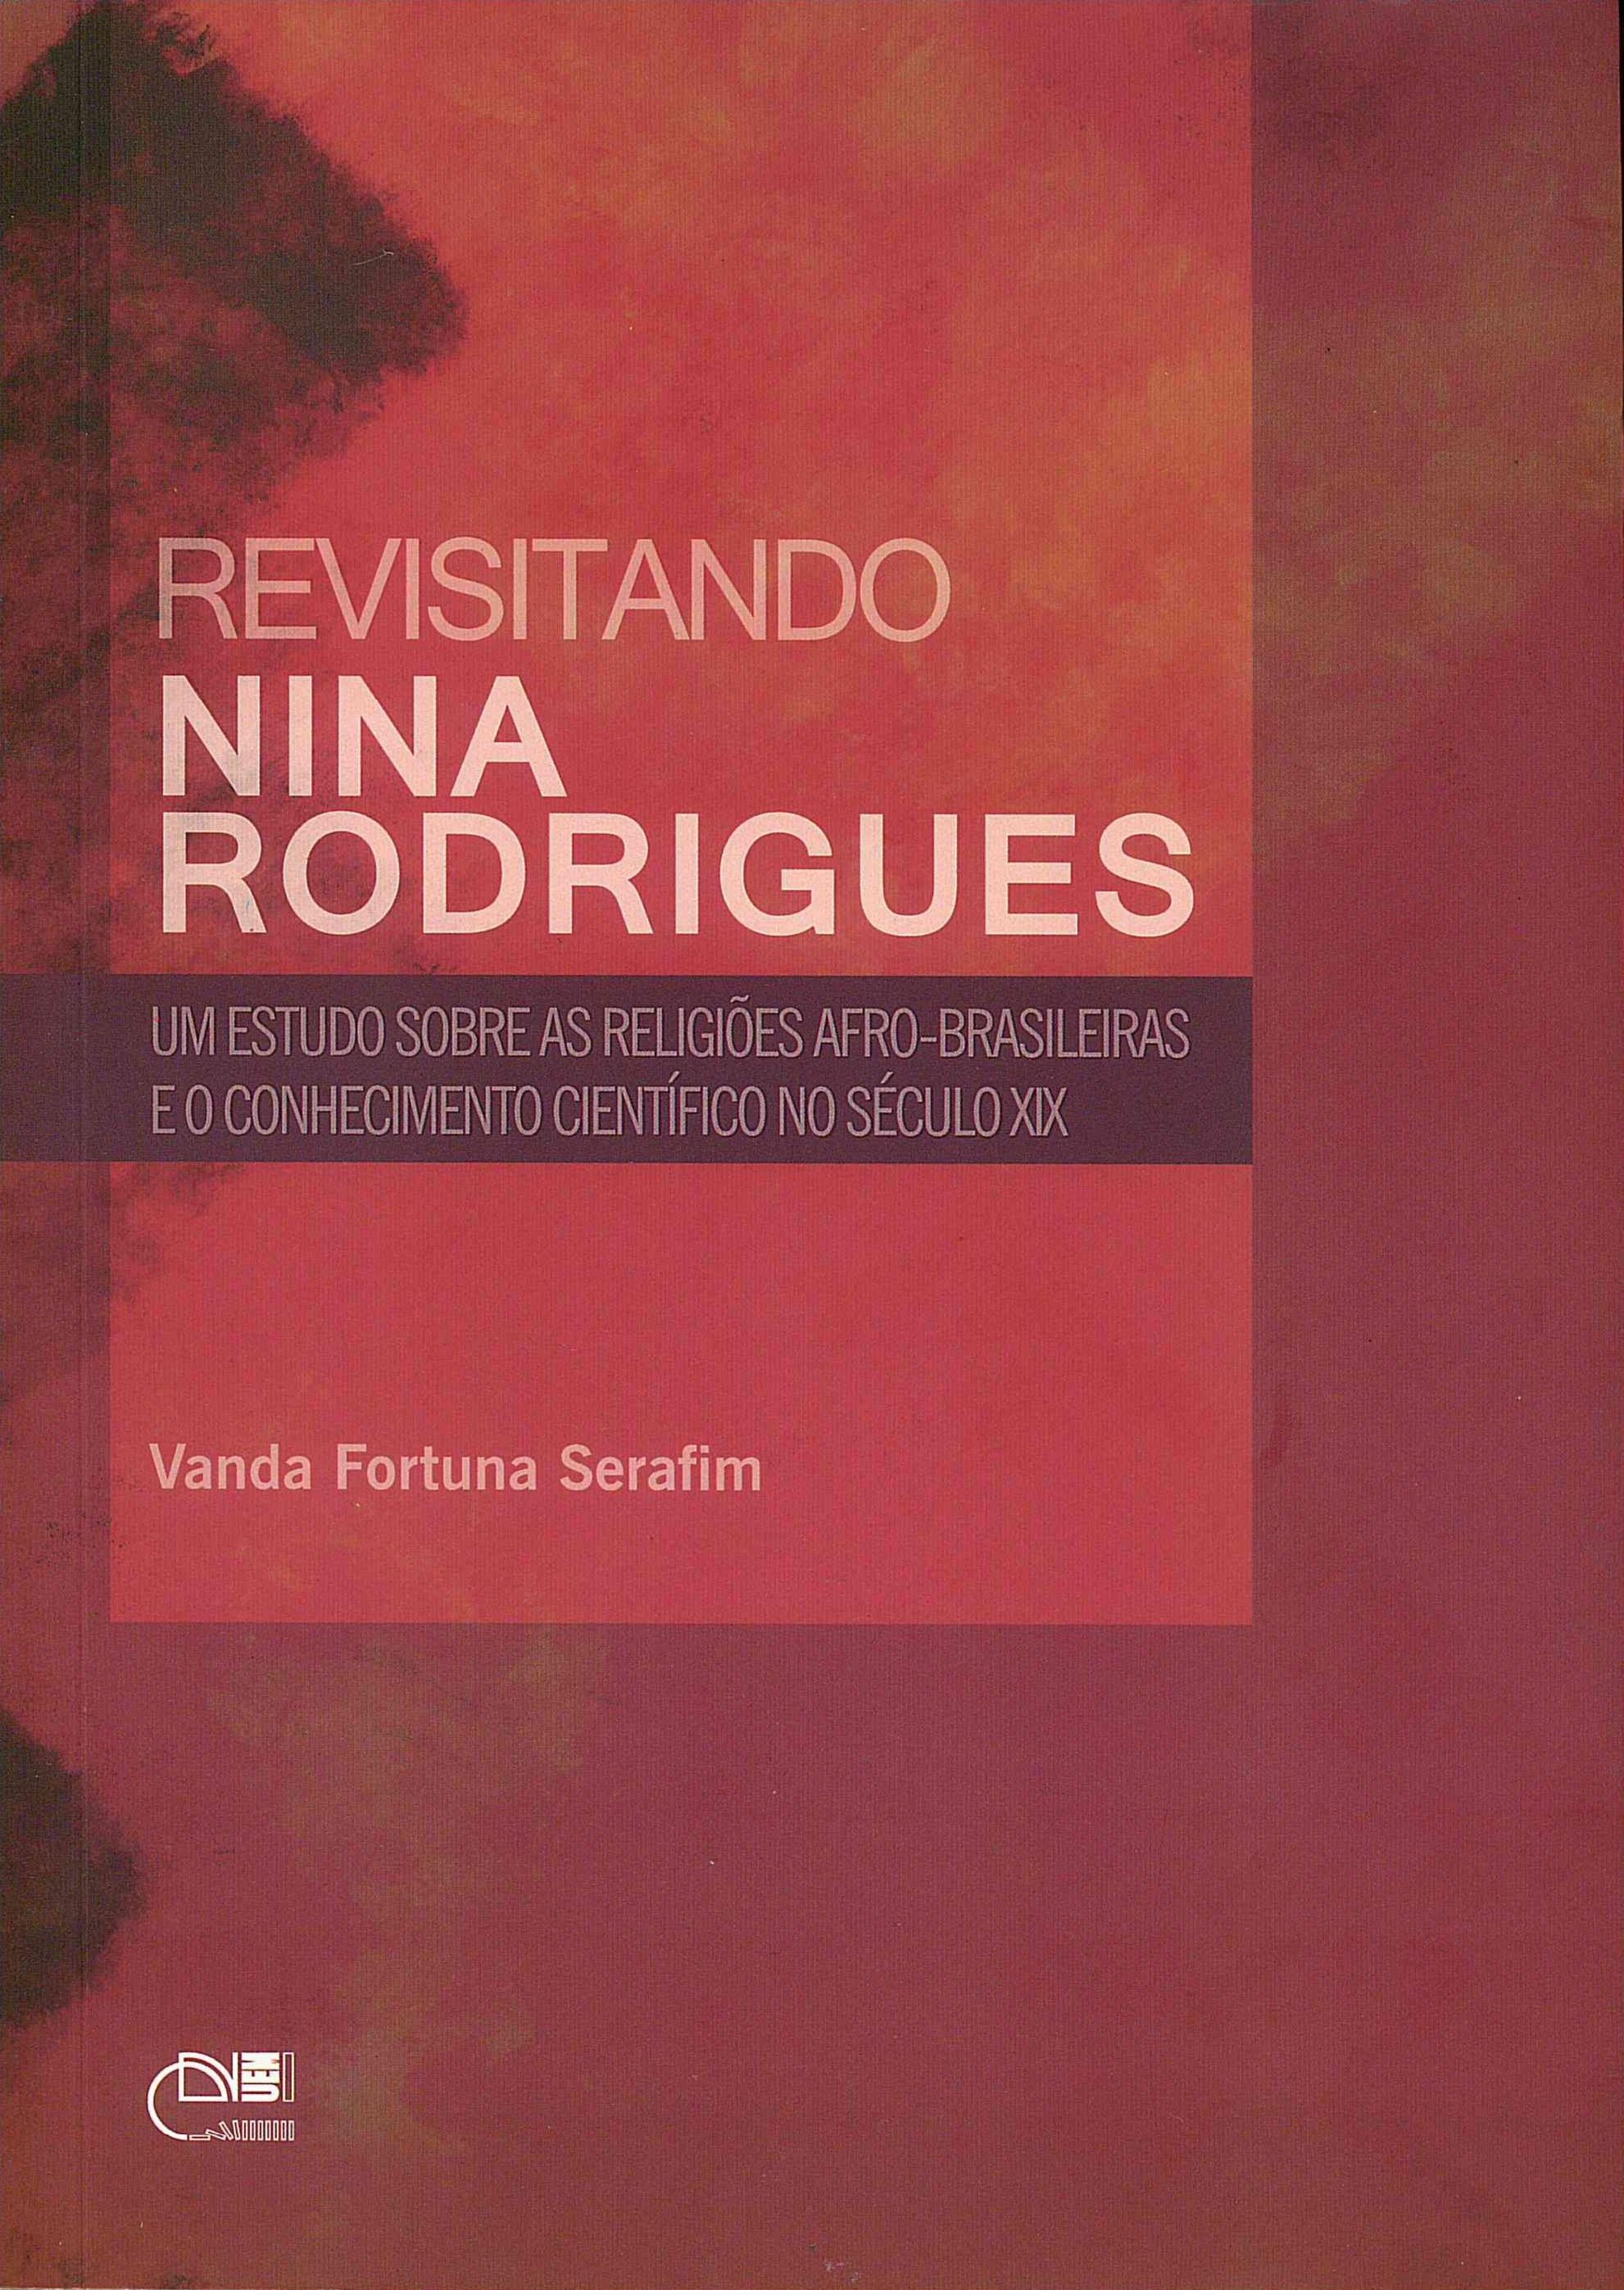 Revisitando Nina Rodrigues: um estudo sobre as religiões afro-brasileiras e o conhecimento científico no século XIX